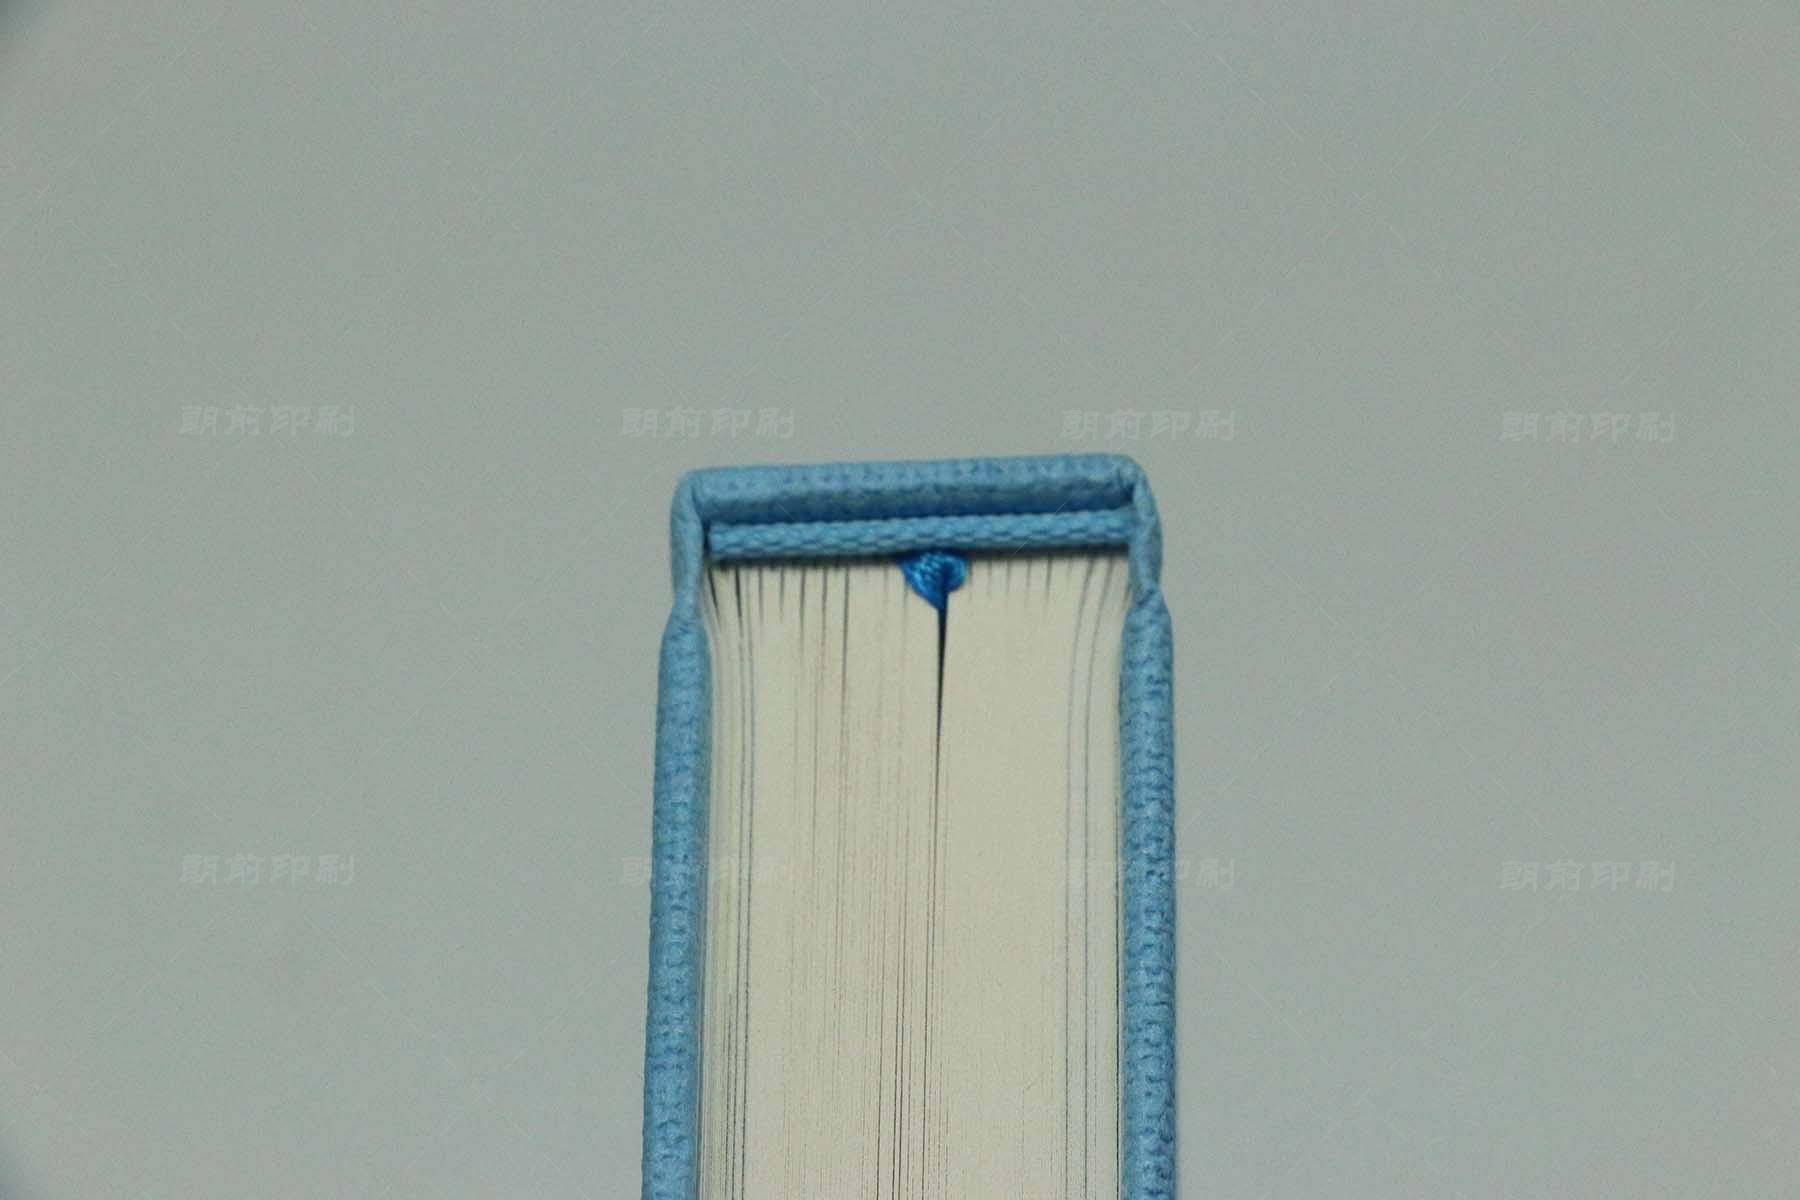 独立日 装帧布硬壳方脊精装书印刷